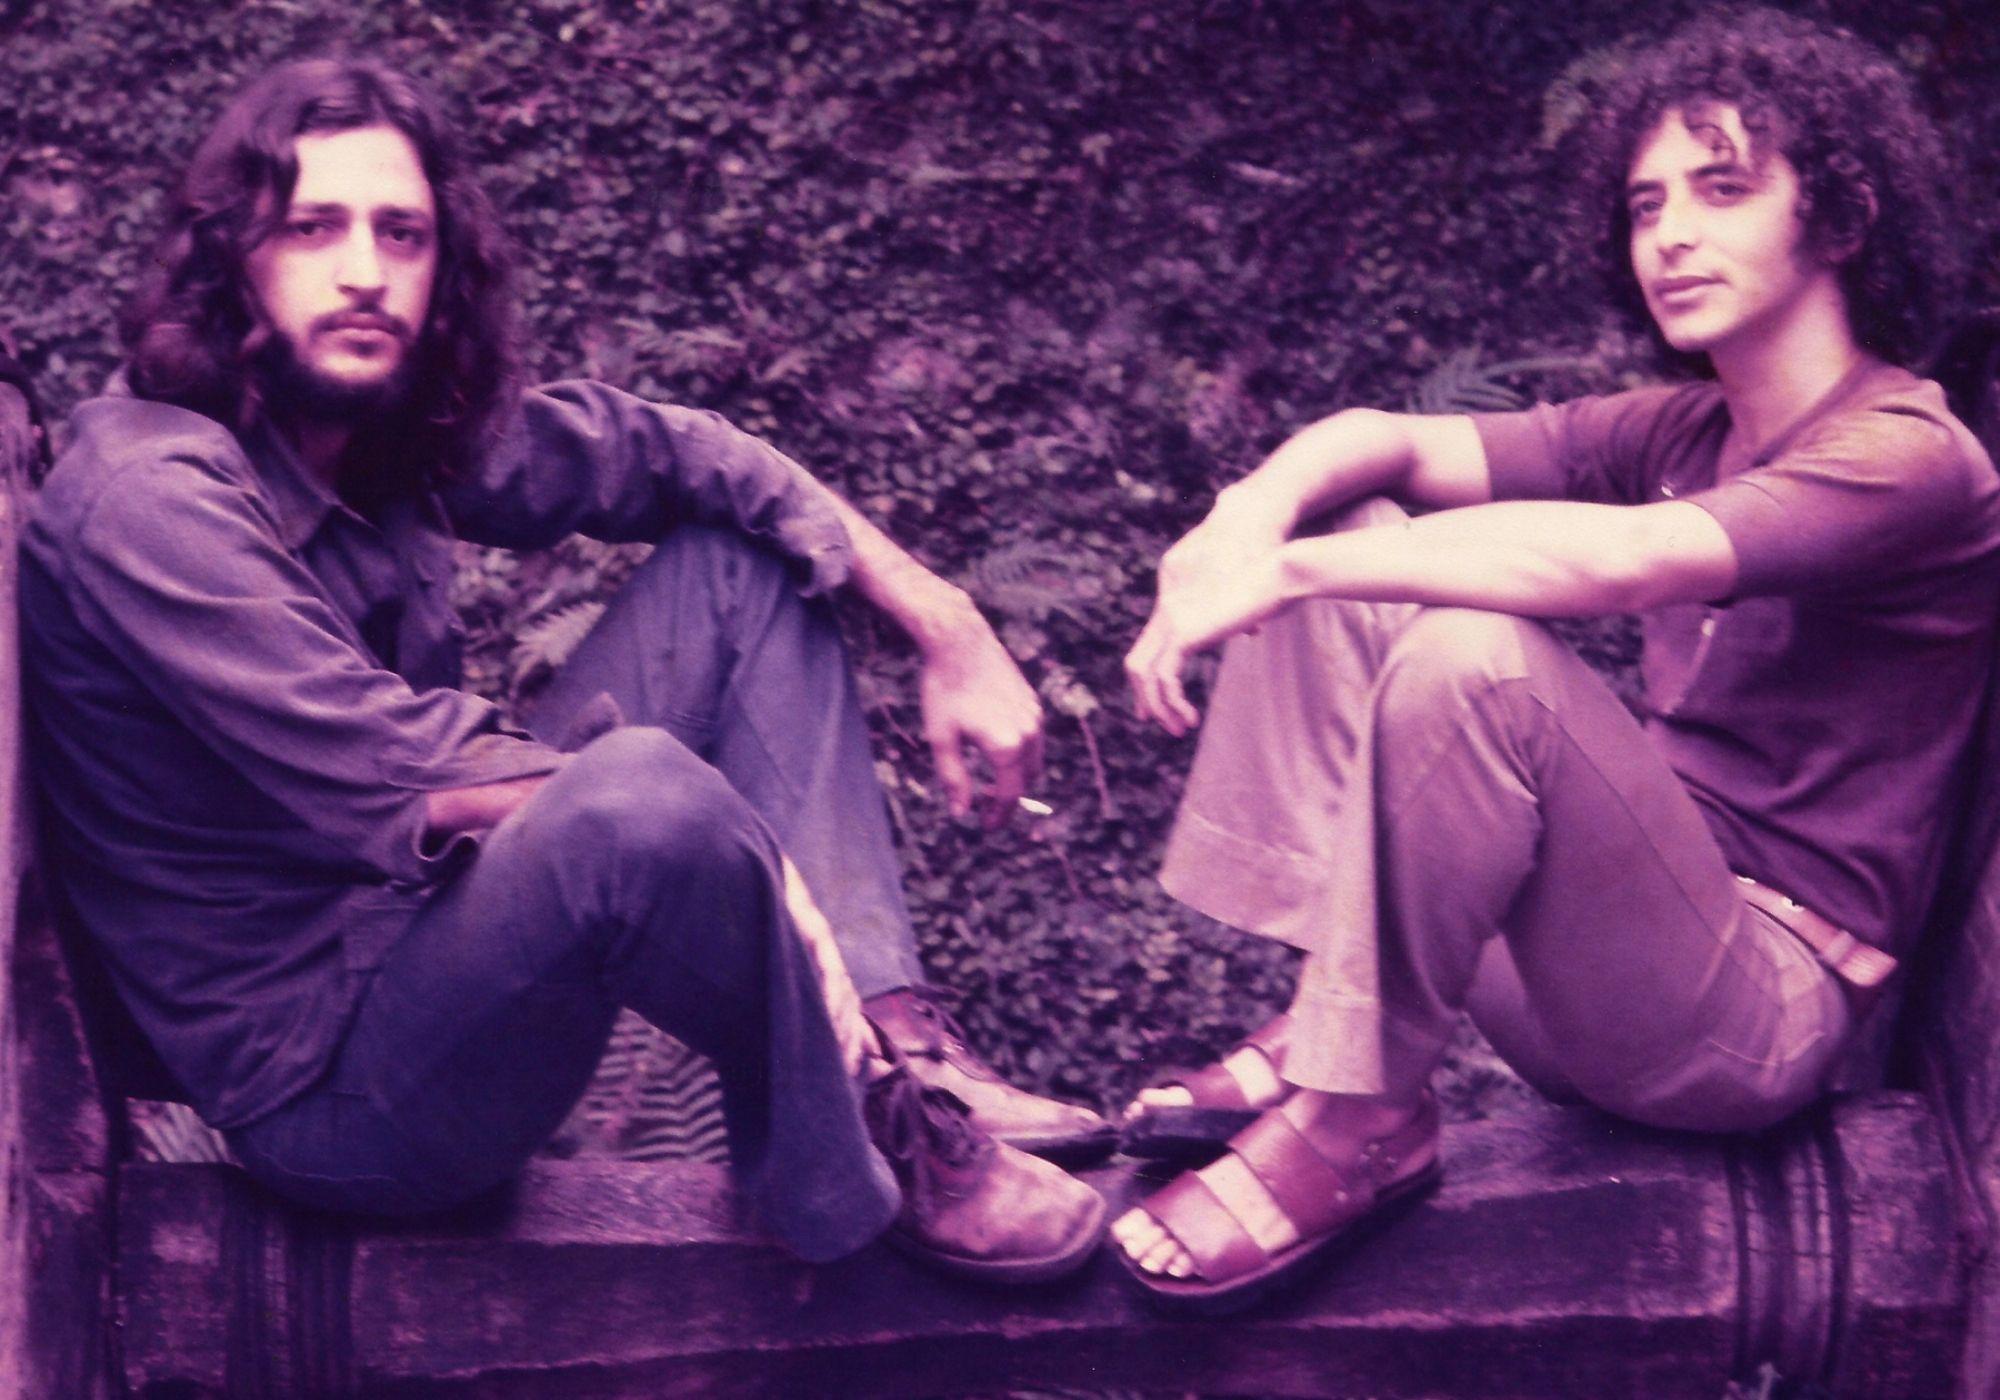 Foto de Geraldo azevedo e alceu valenca nos anos 70